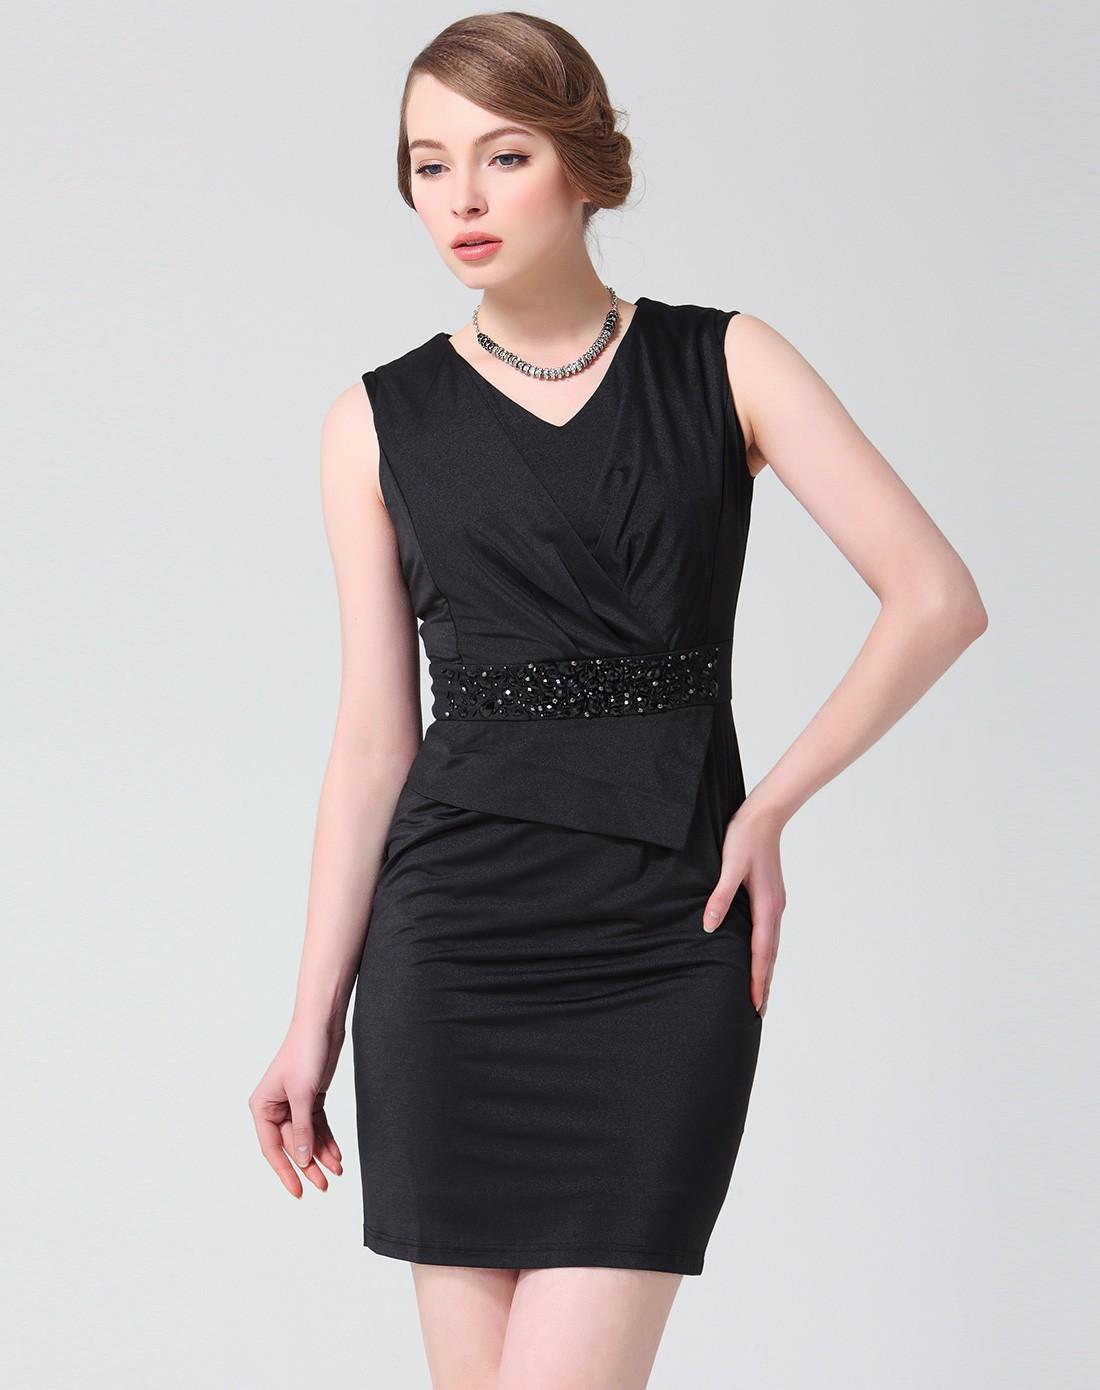 > 黑色连衣裙